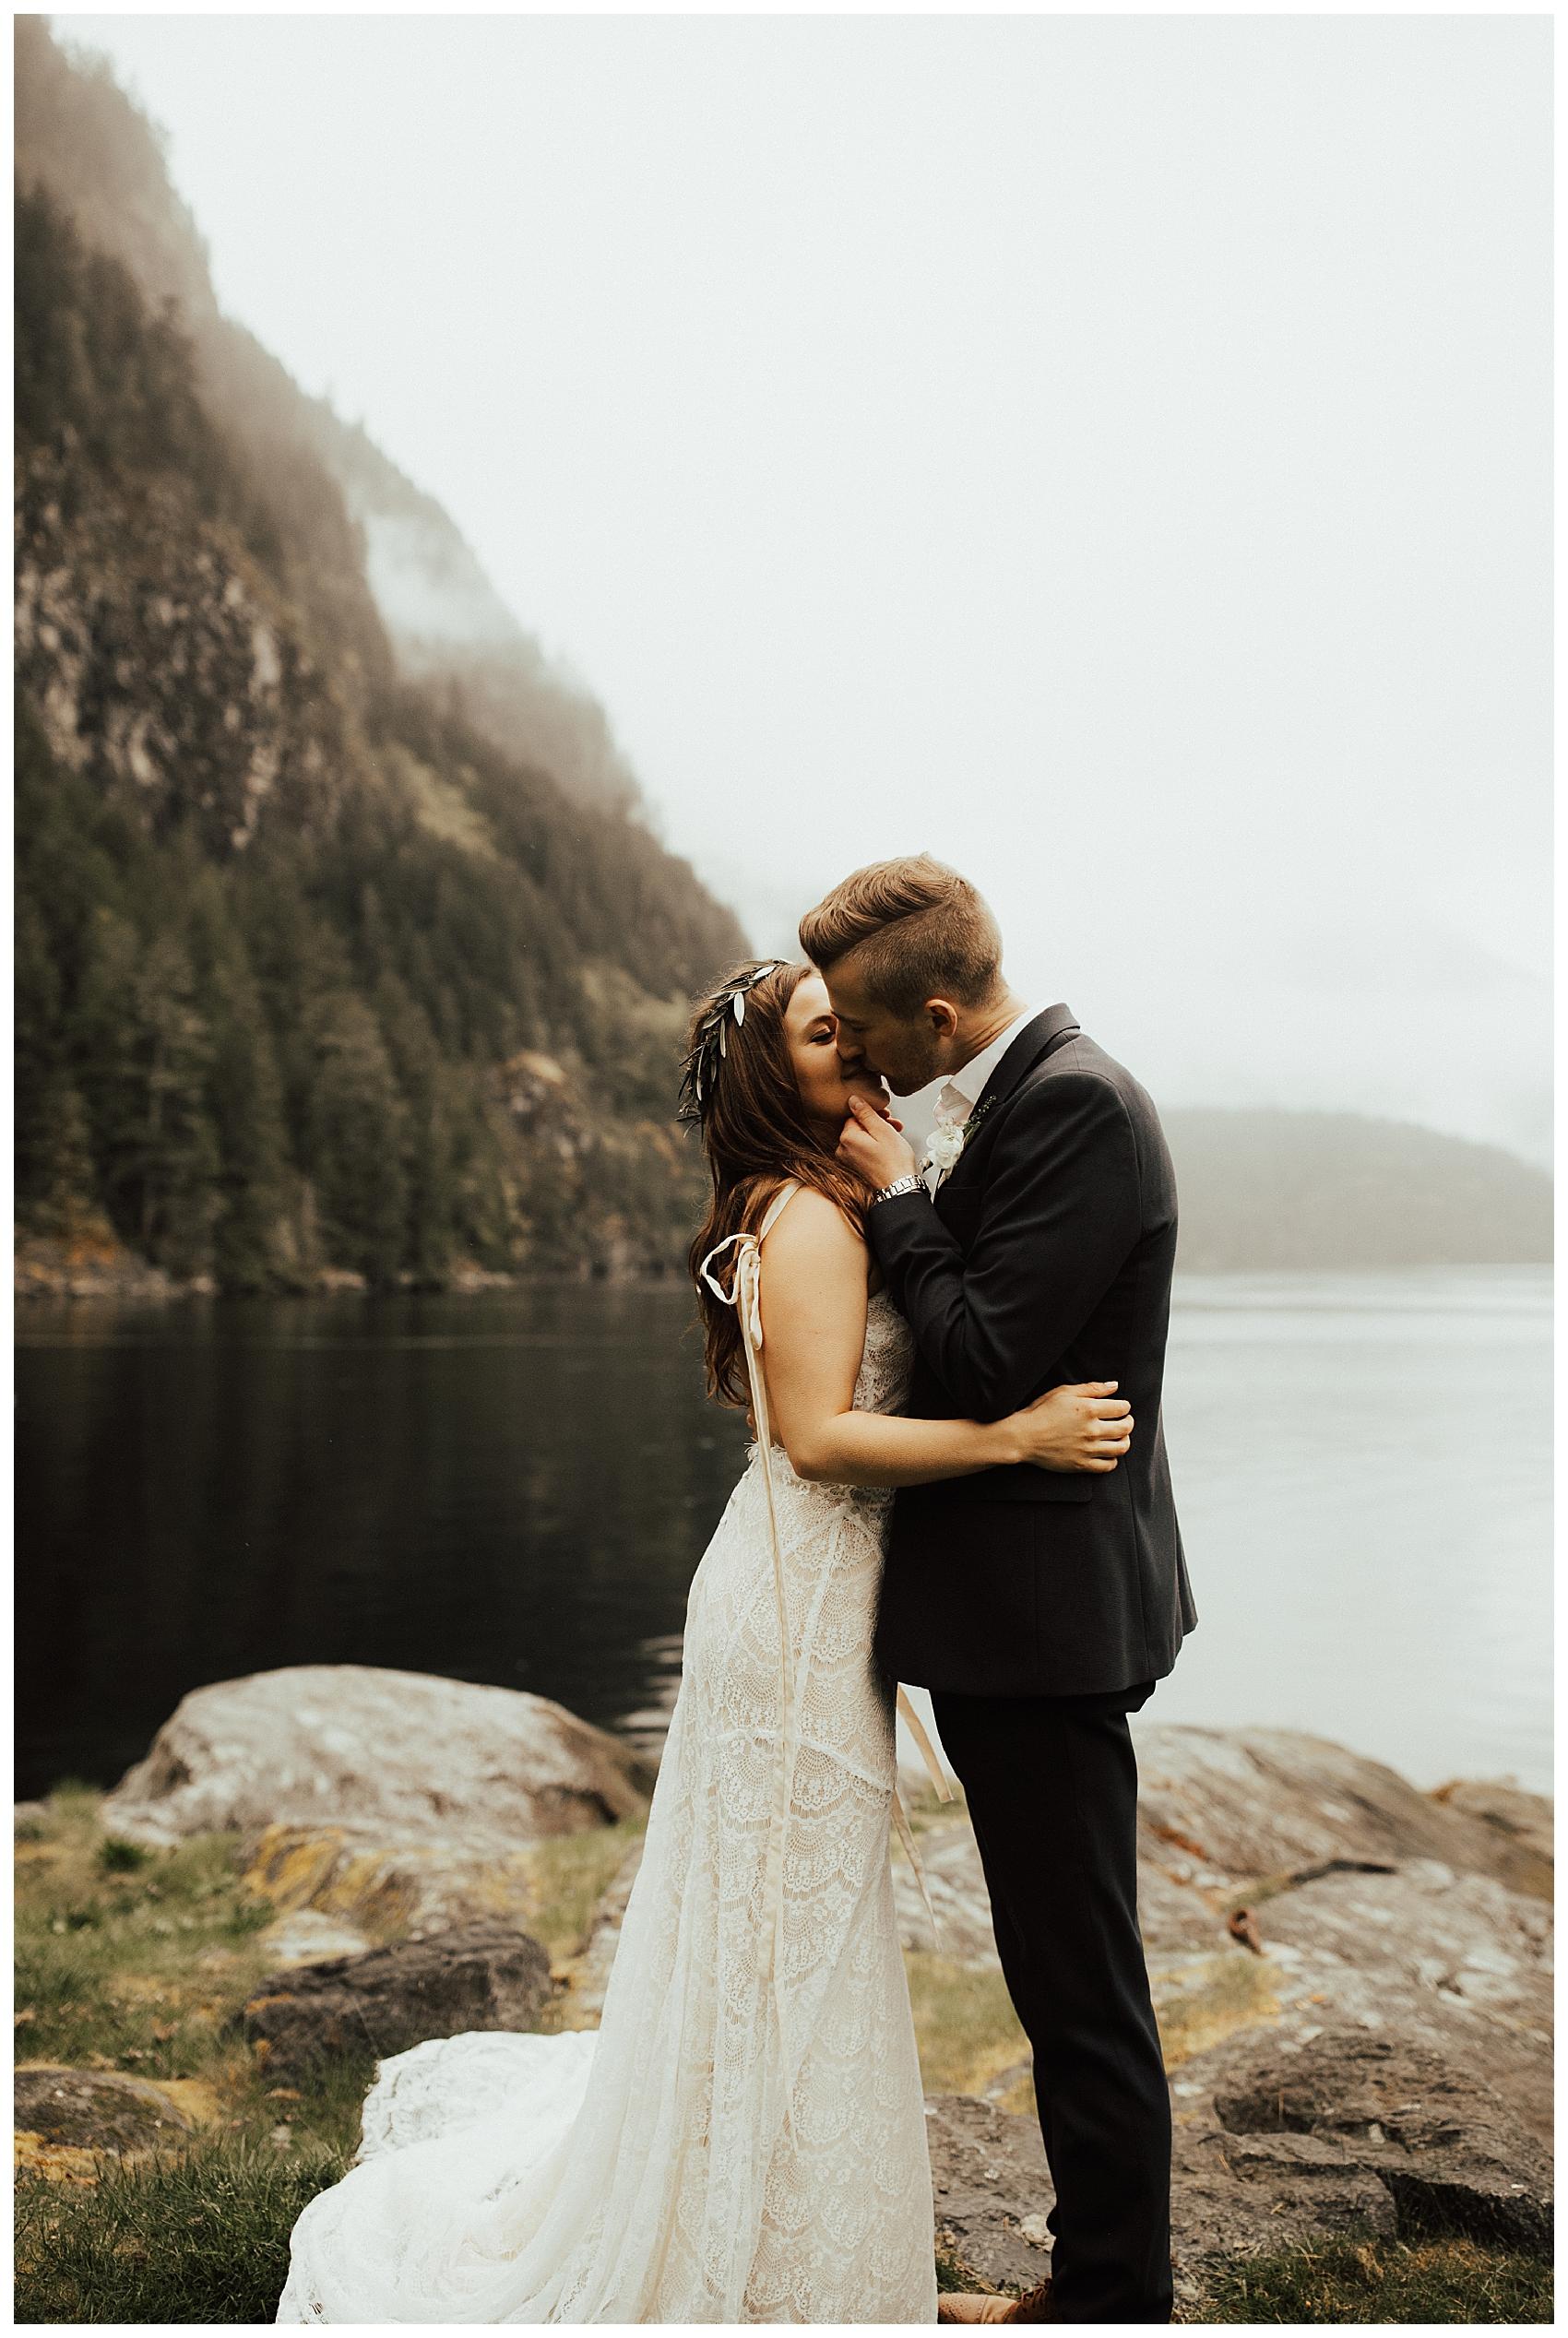 Vancouver BC Elopement Cassie Trottier Photography00061.jpg